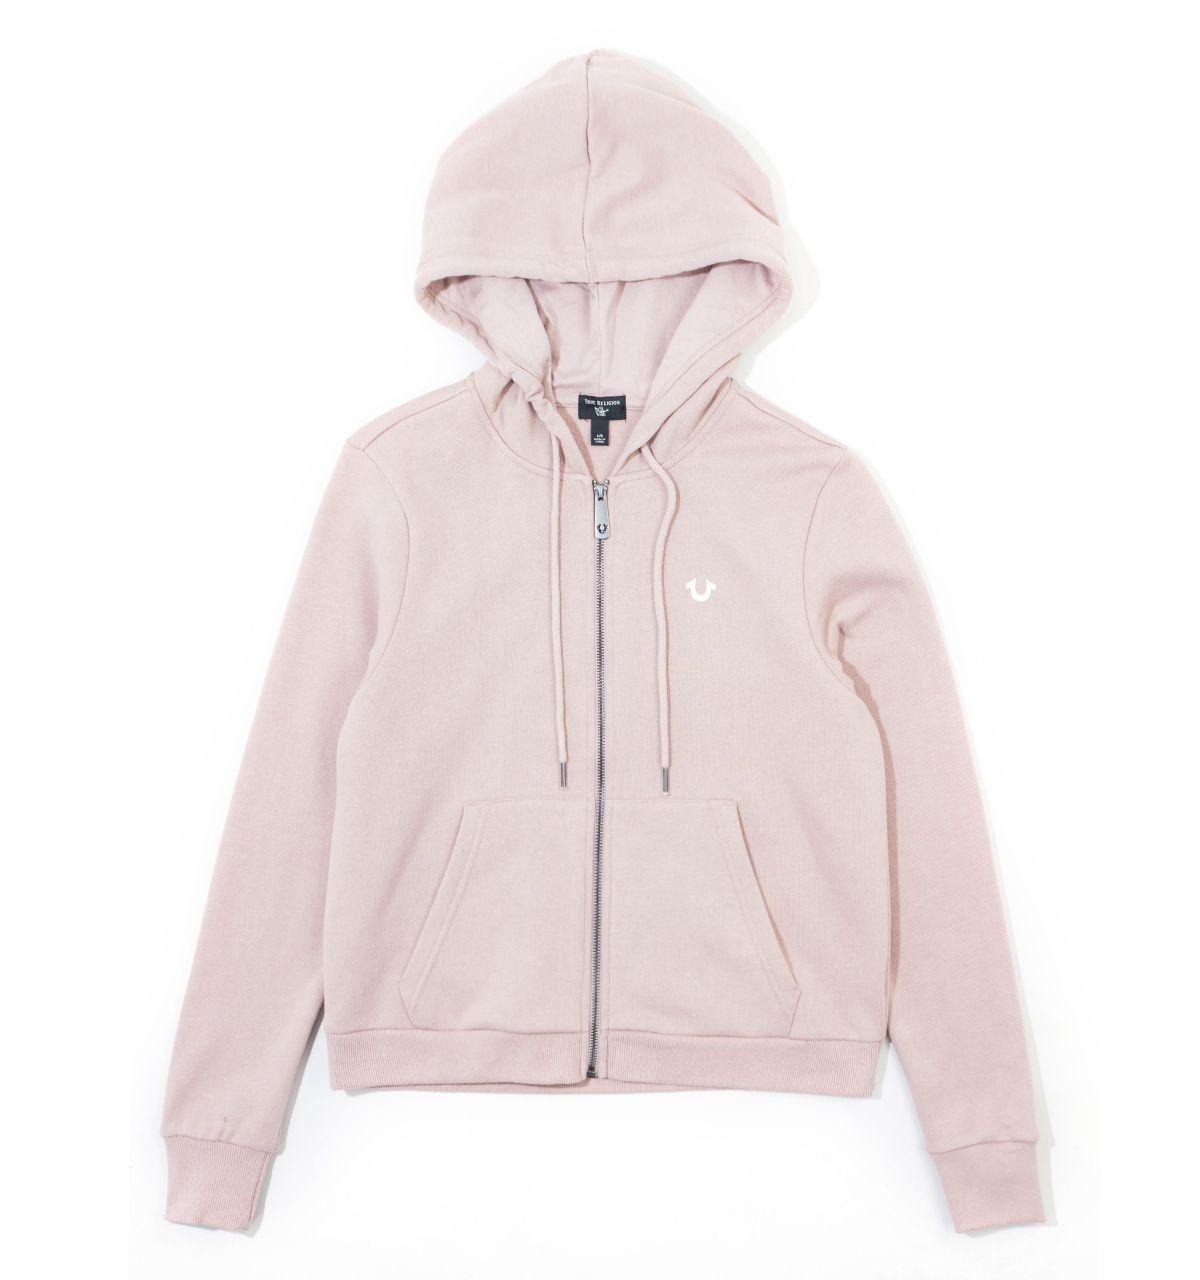 True Religion Women's Logo Zip Hoodie - Dusty Pink